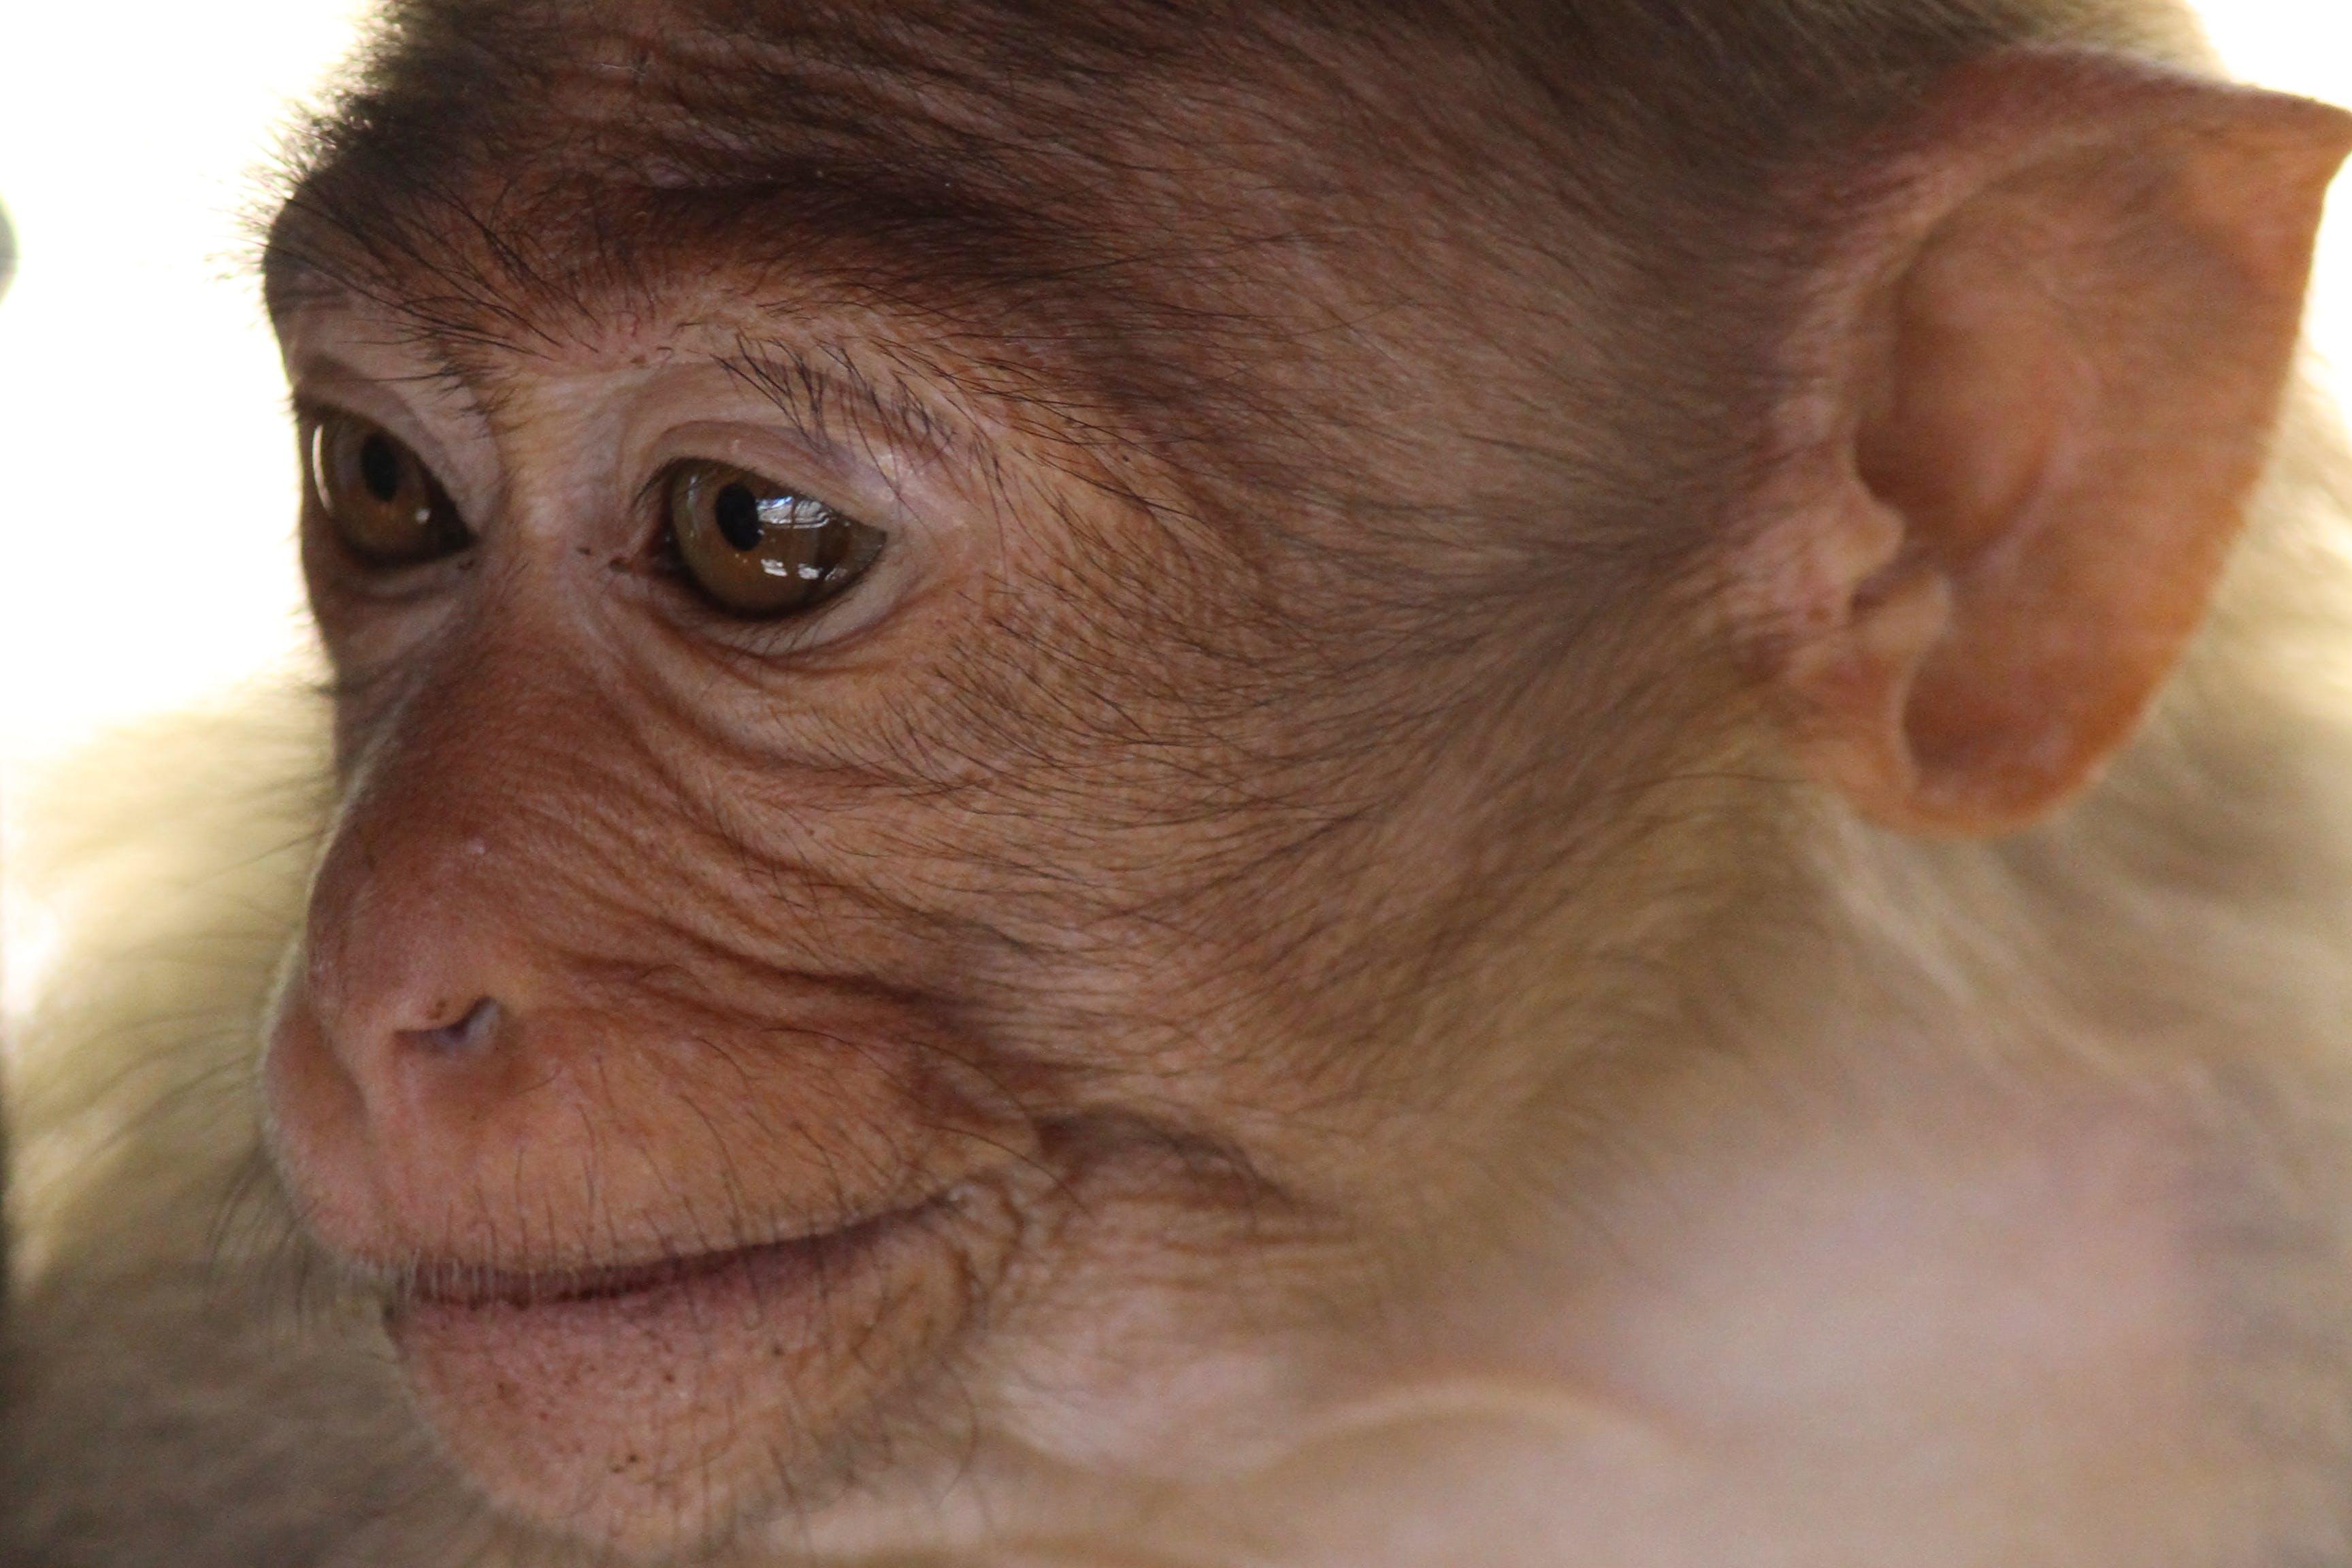 Free stock photo of animal, eyes, face, monkey